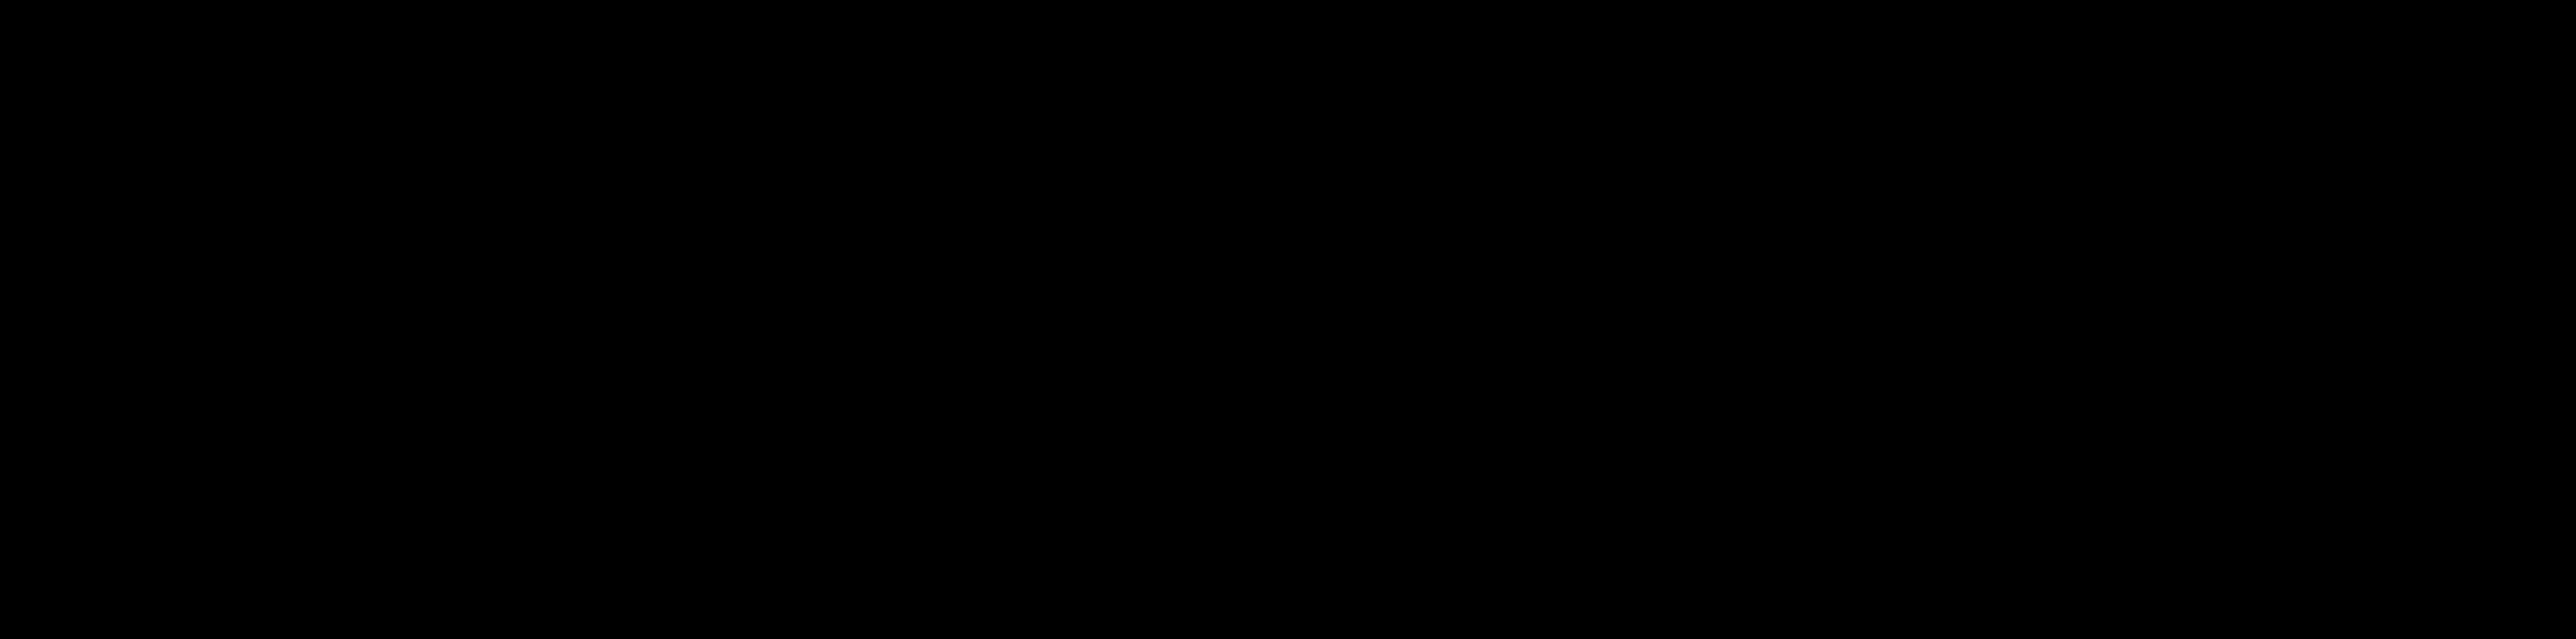 fimo228